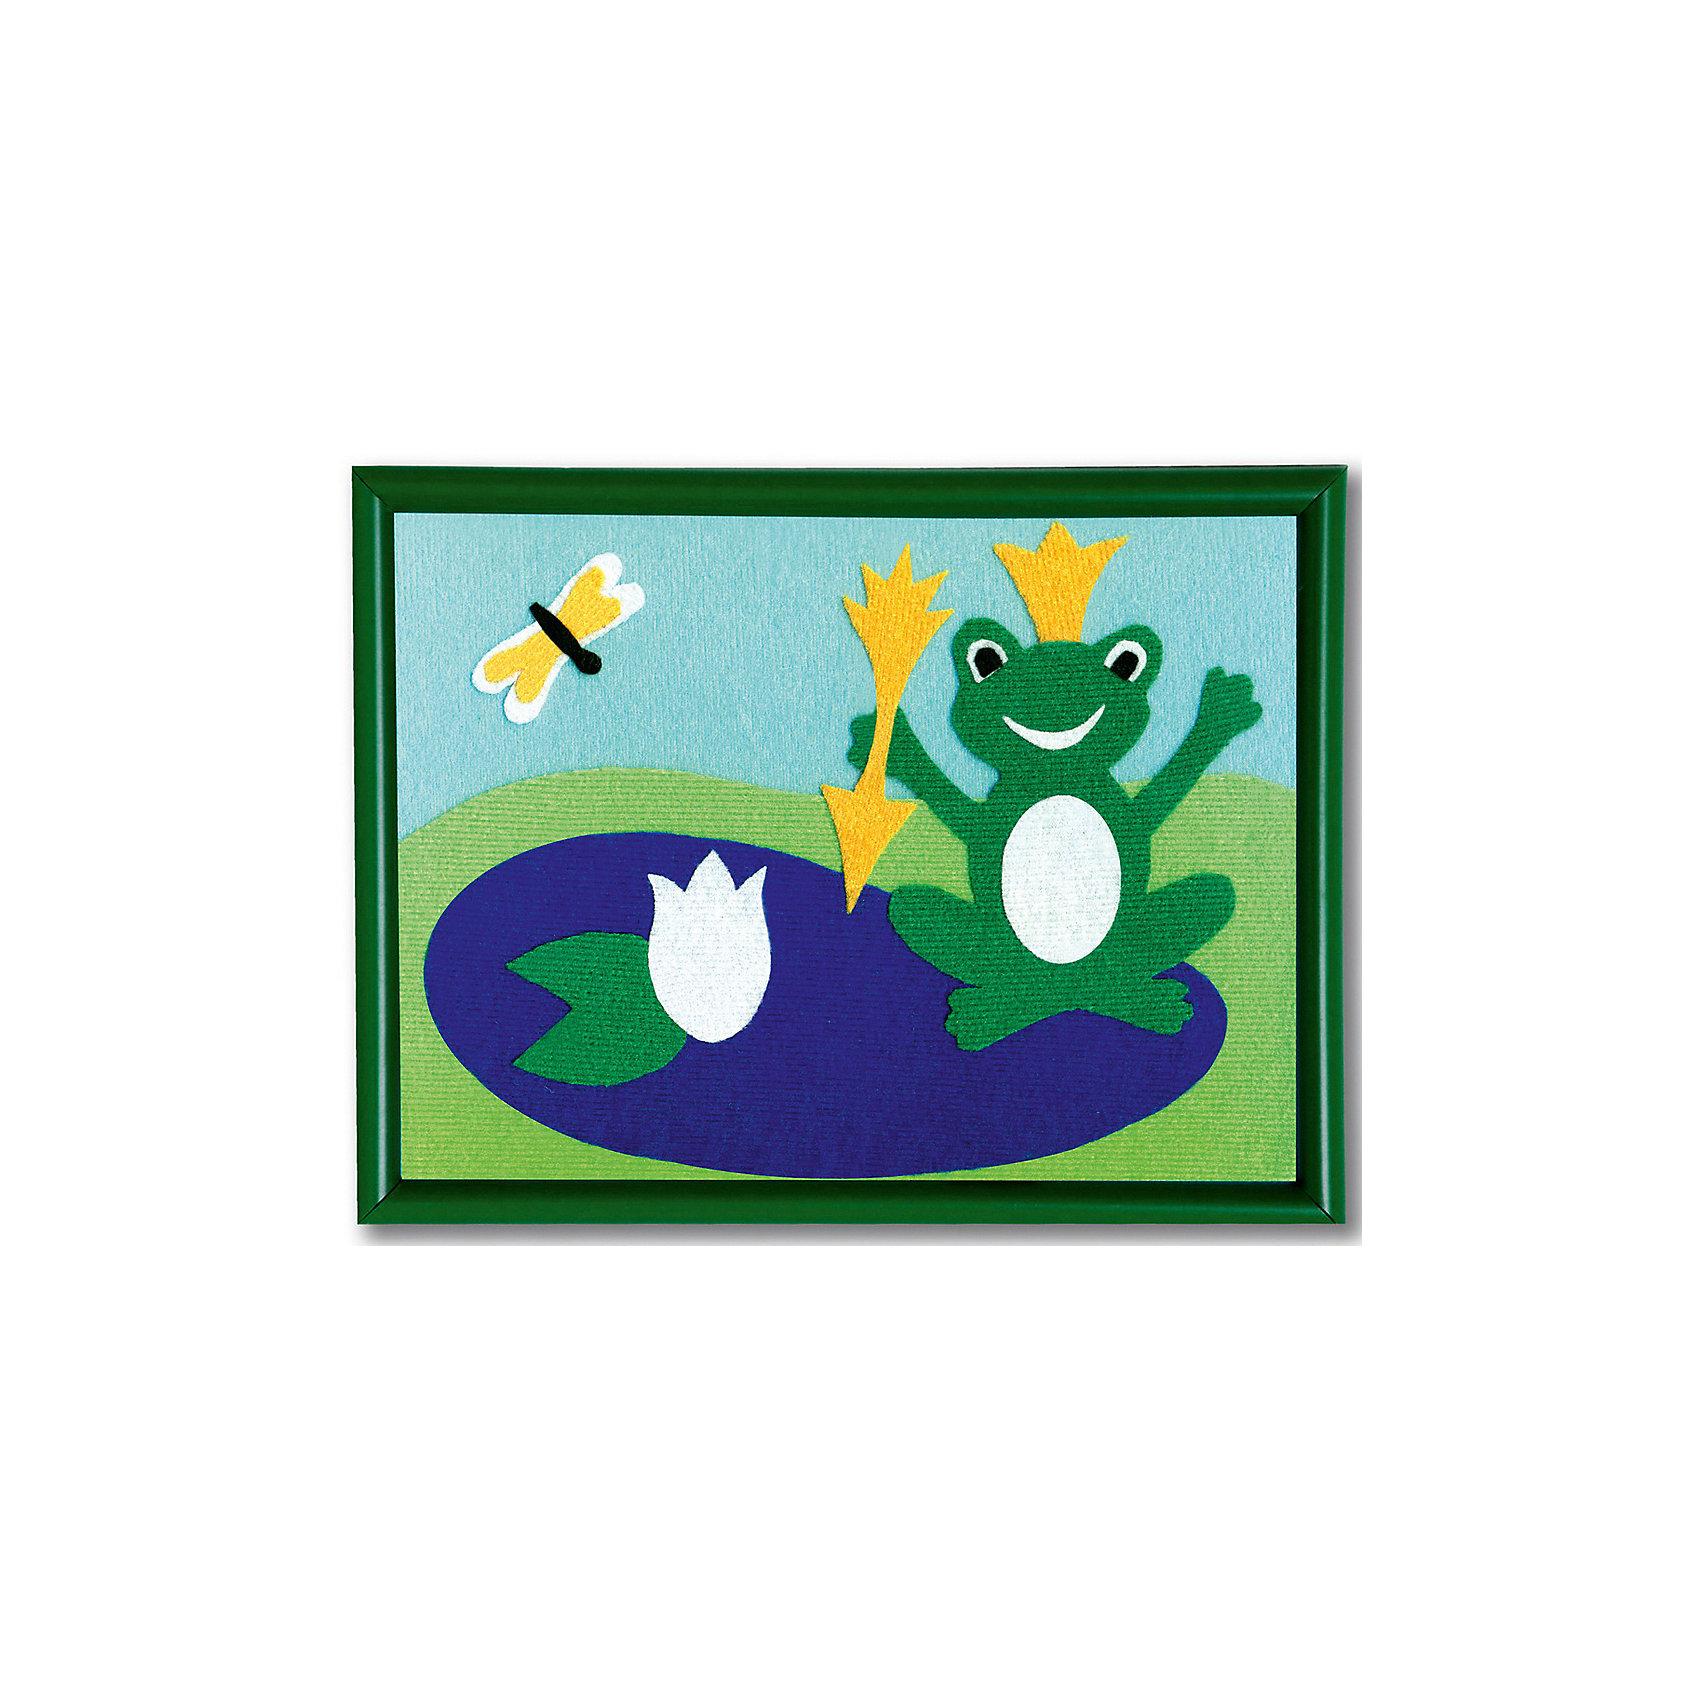 картинка царевны лягушки для аппликации улыбаться, когда